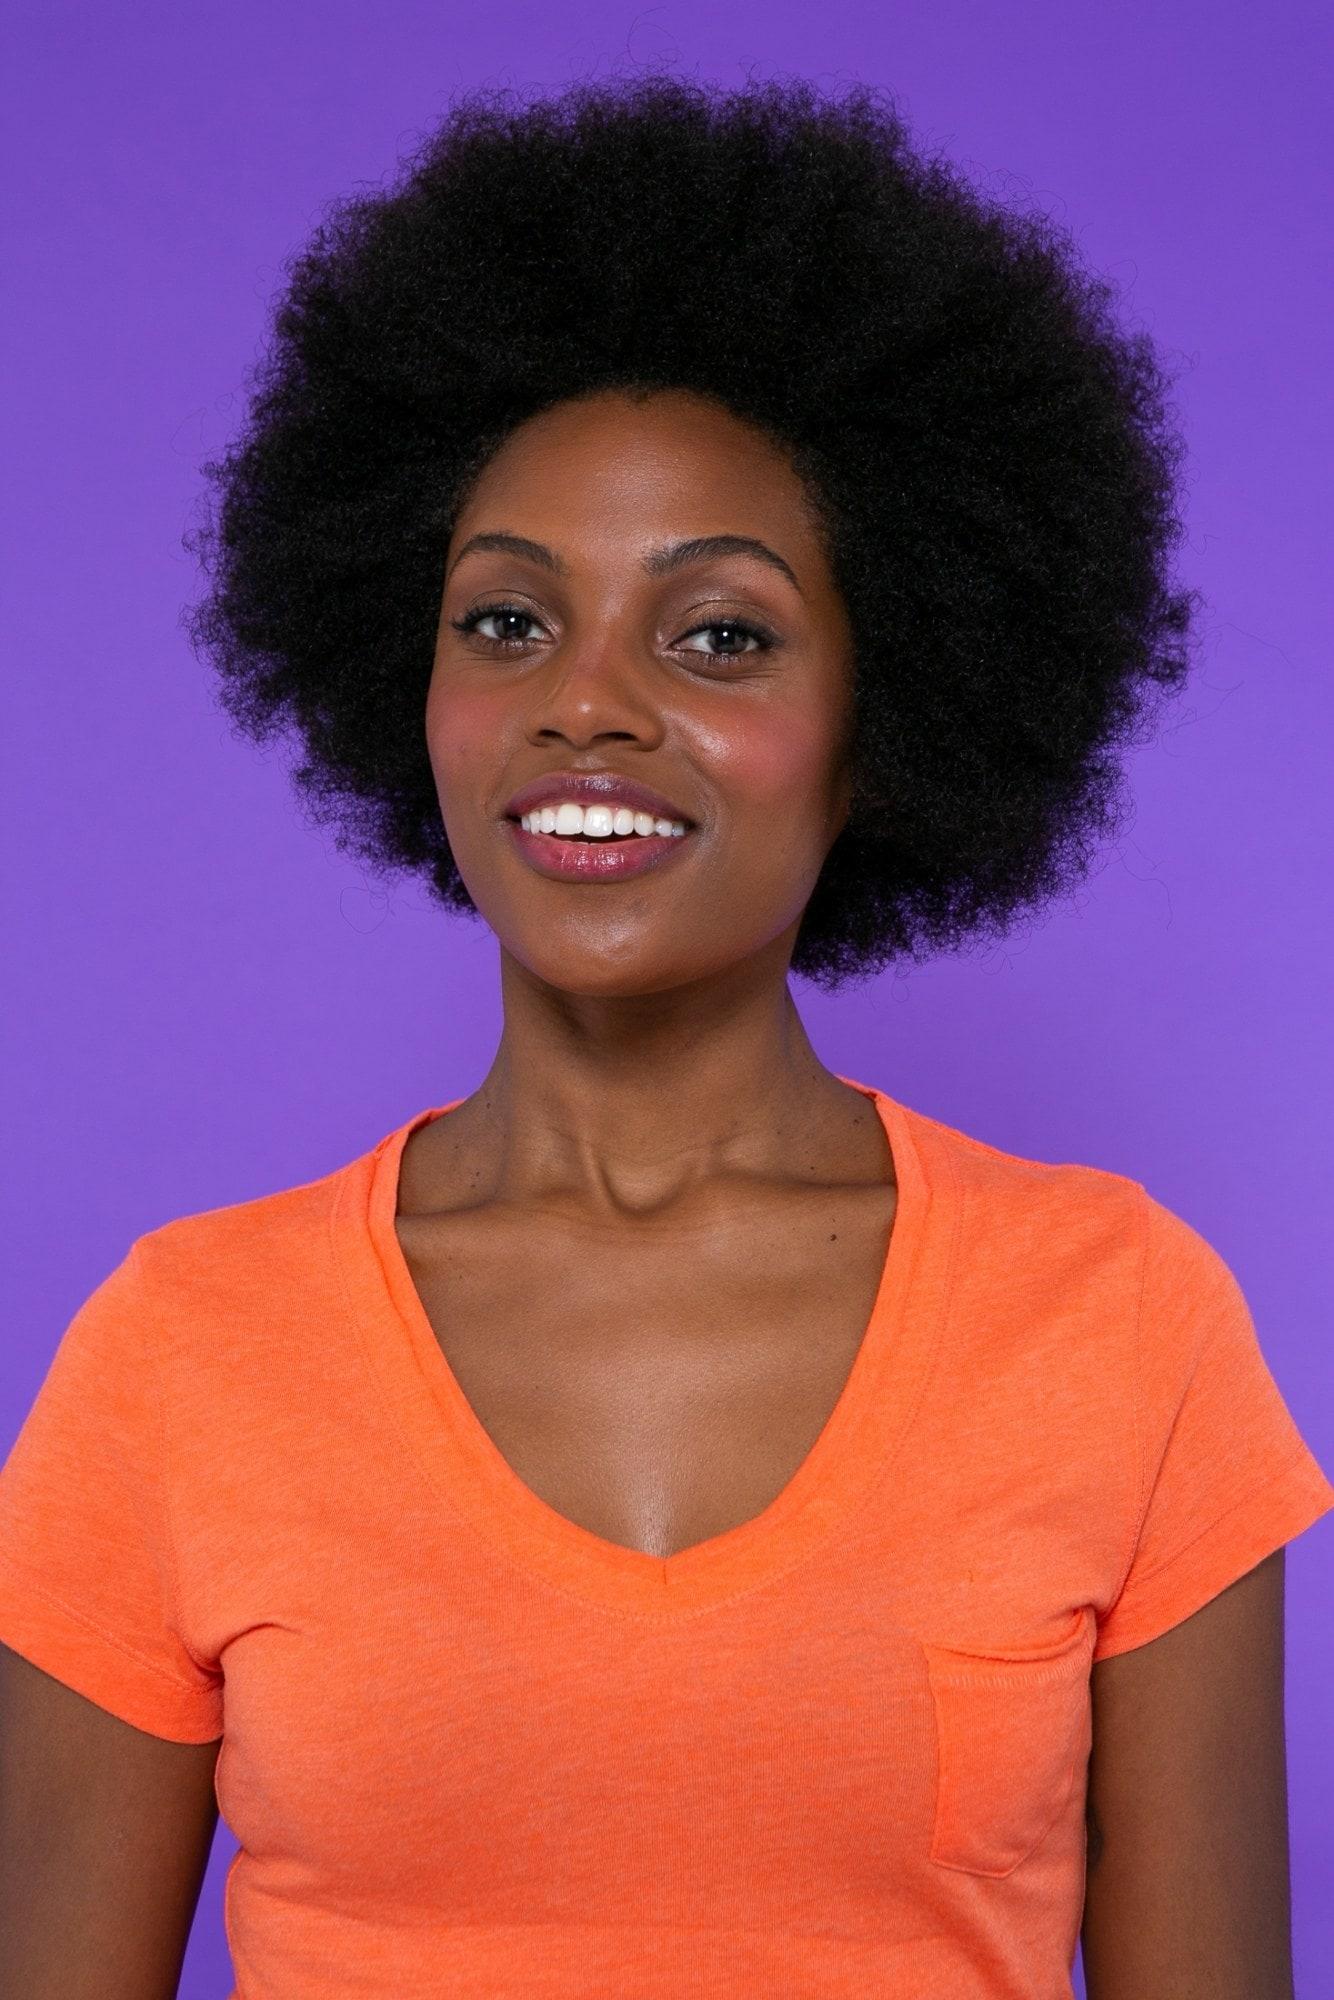 modelo de cabelo crespo estilo blxk power